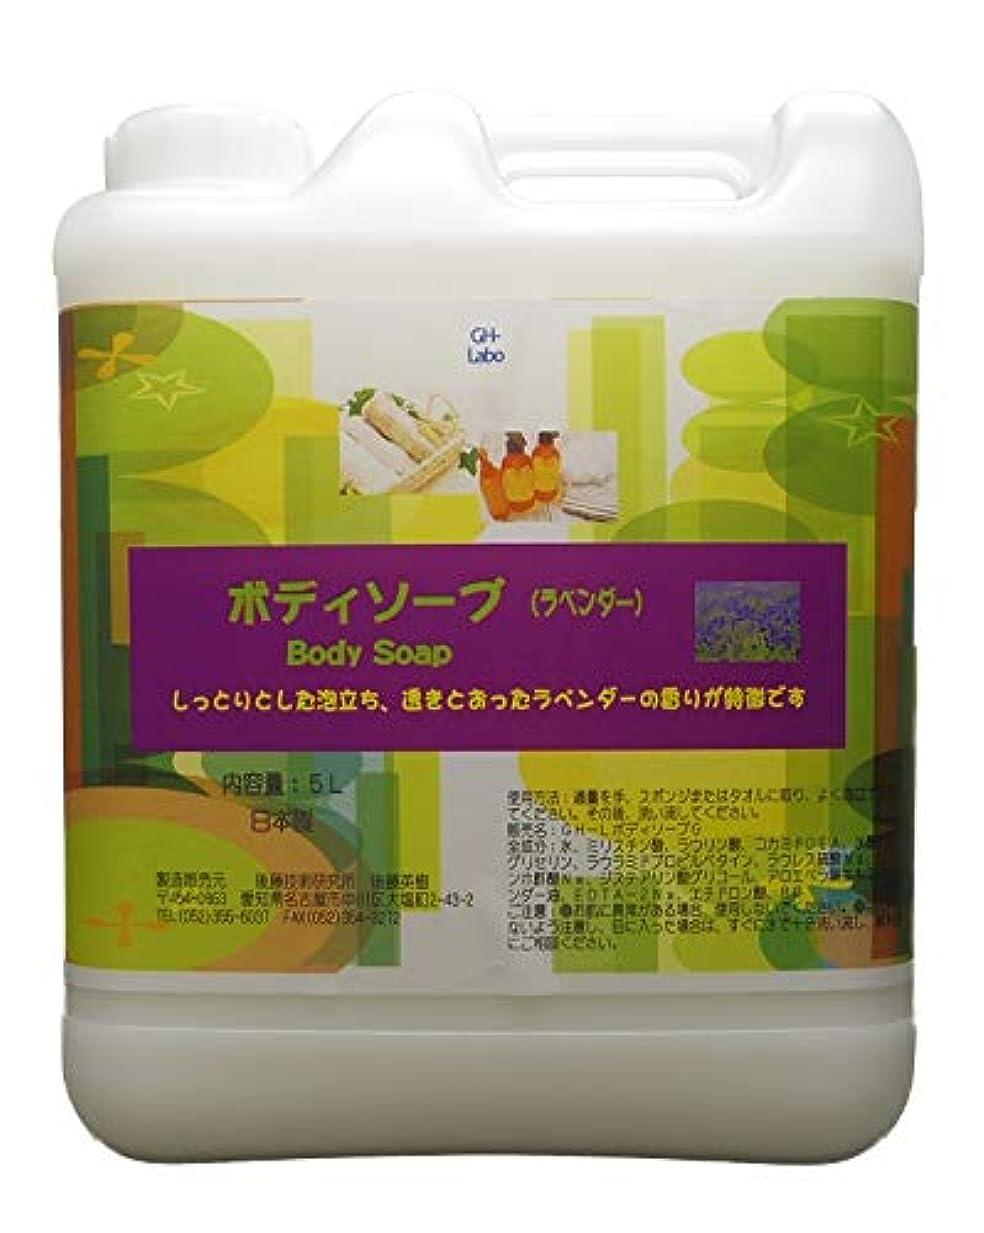 無駄崇拝しますゆりかごGH-Labo 業務用ボディソープ ラベンダーの香り 5L